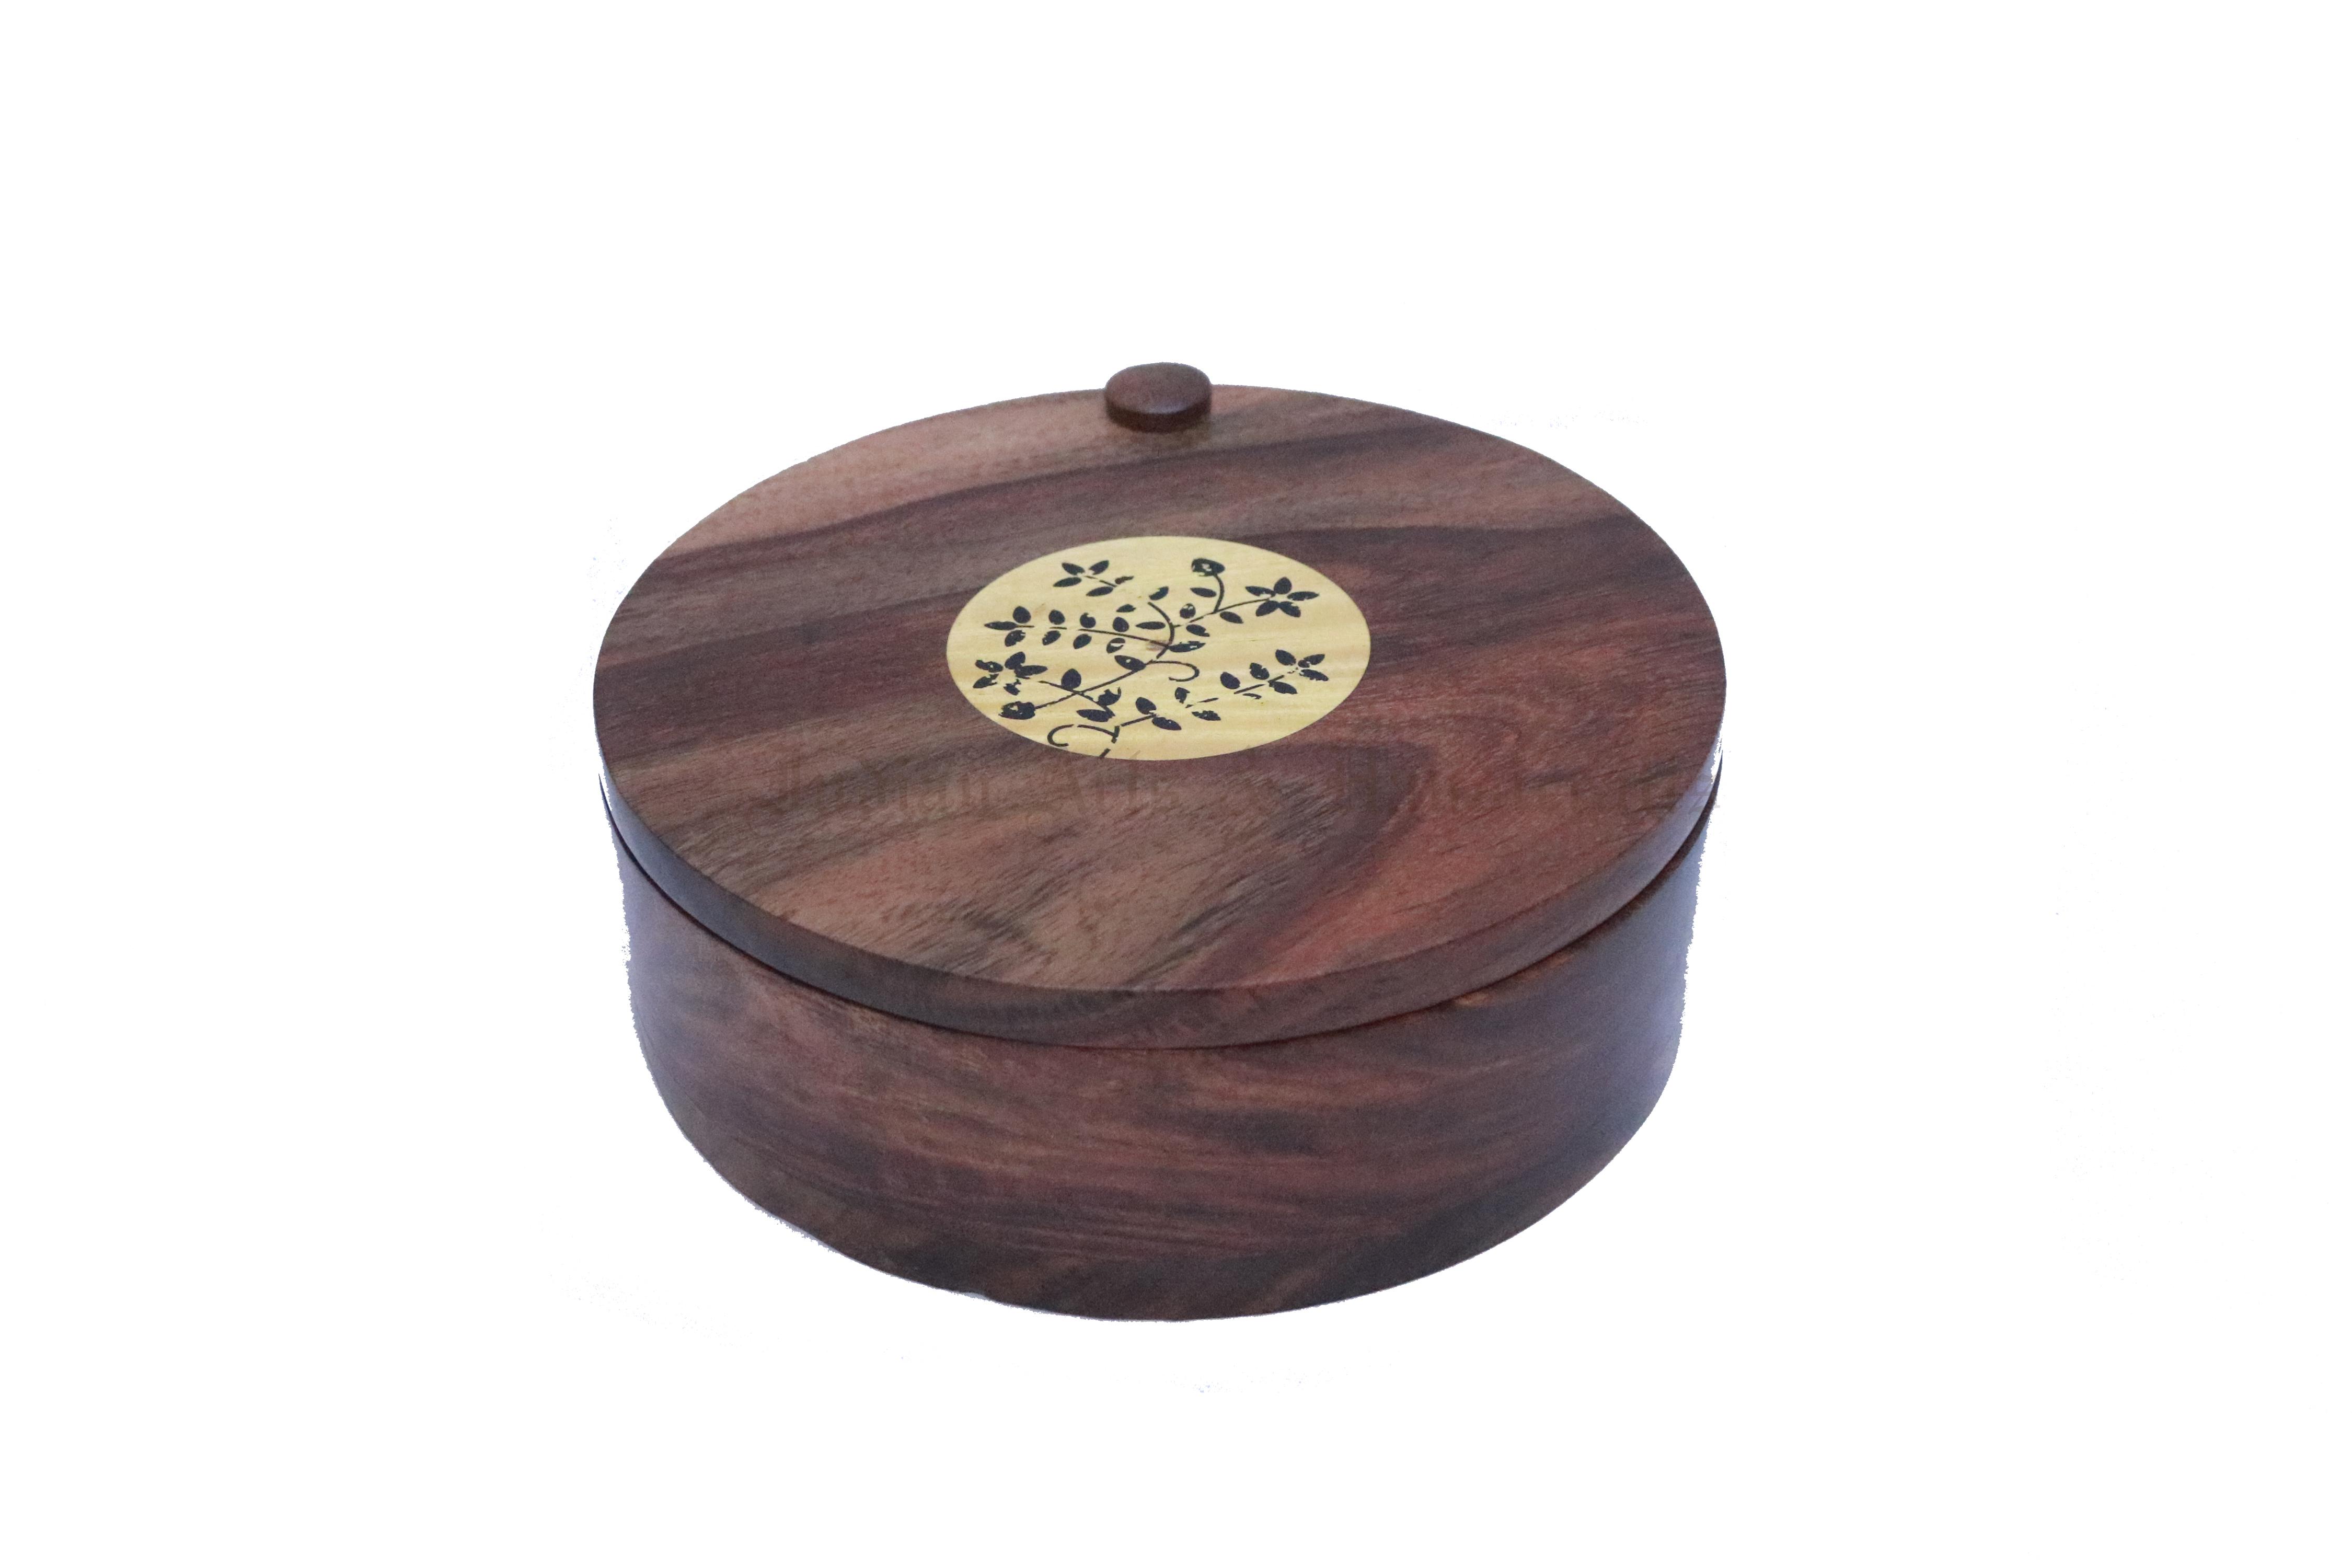 Round Wooden Spice Box